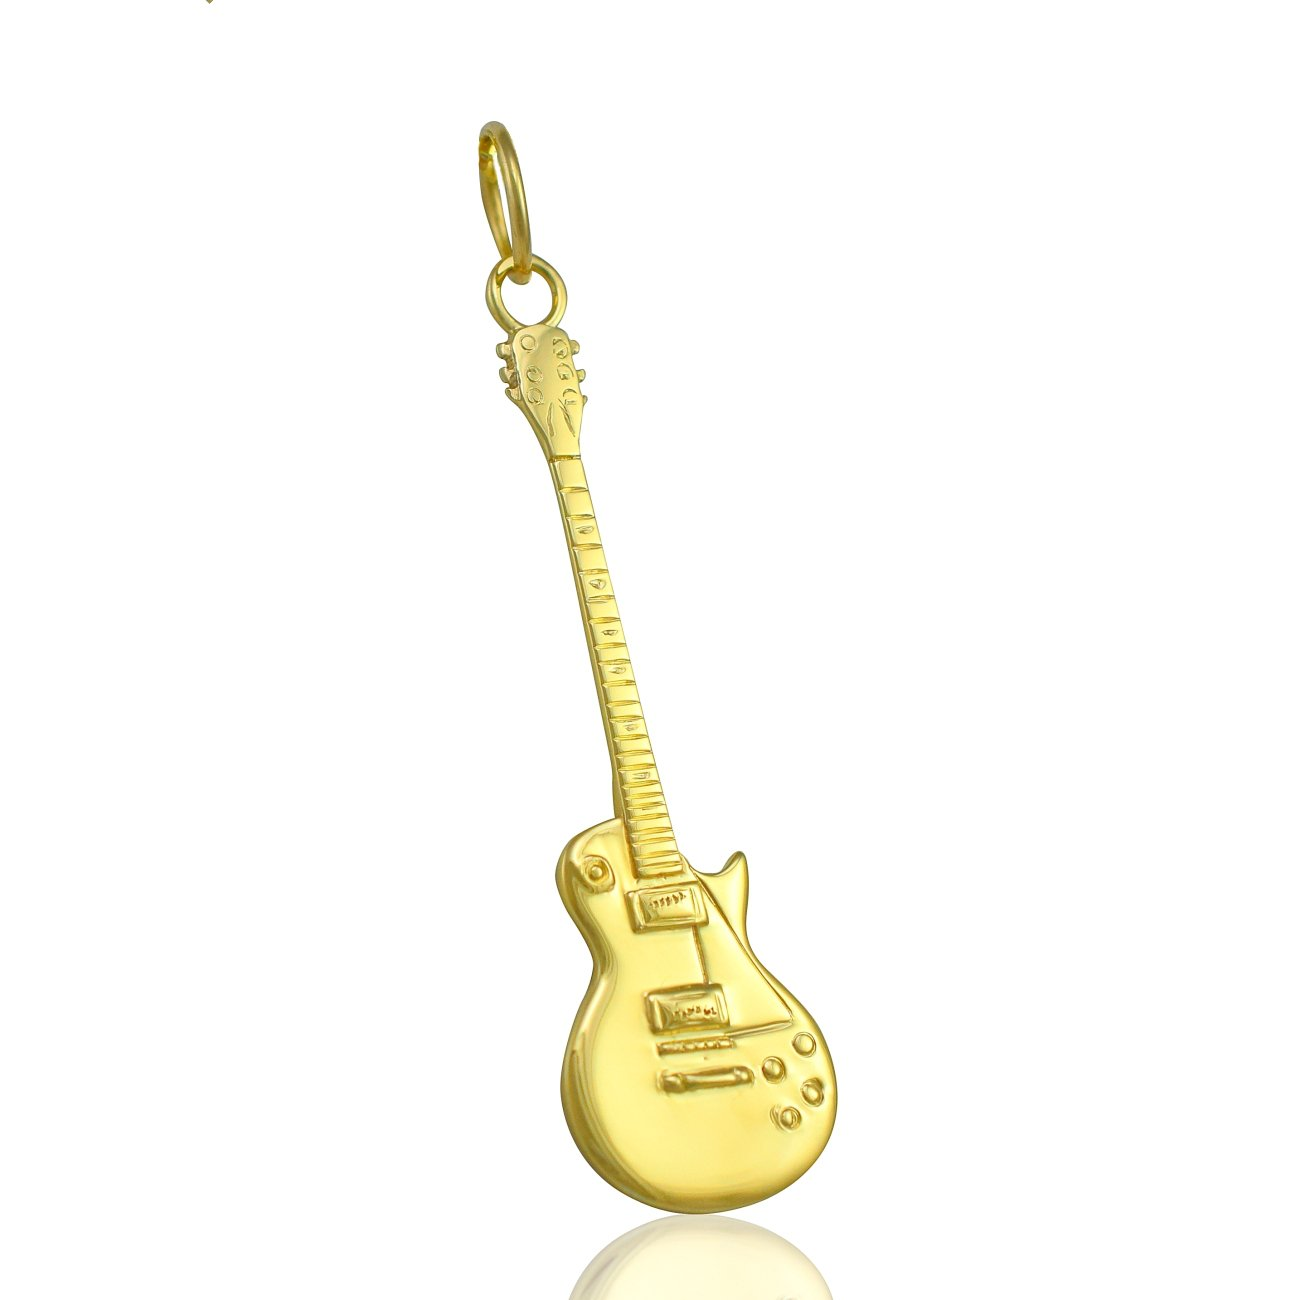 Solid 9ct oro Gibson Les Paul de la guitarra eléctrica - cadena collar 40,64 cm, 45,72 cm, 50,8 cm o colgante sólo 0,0: Guitar-Necklace: Amazon.es: Joyería